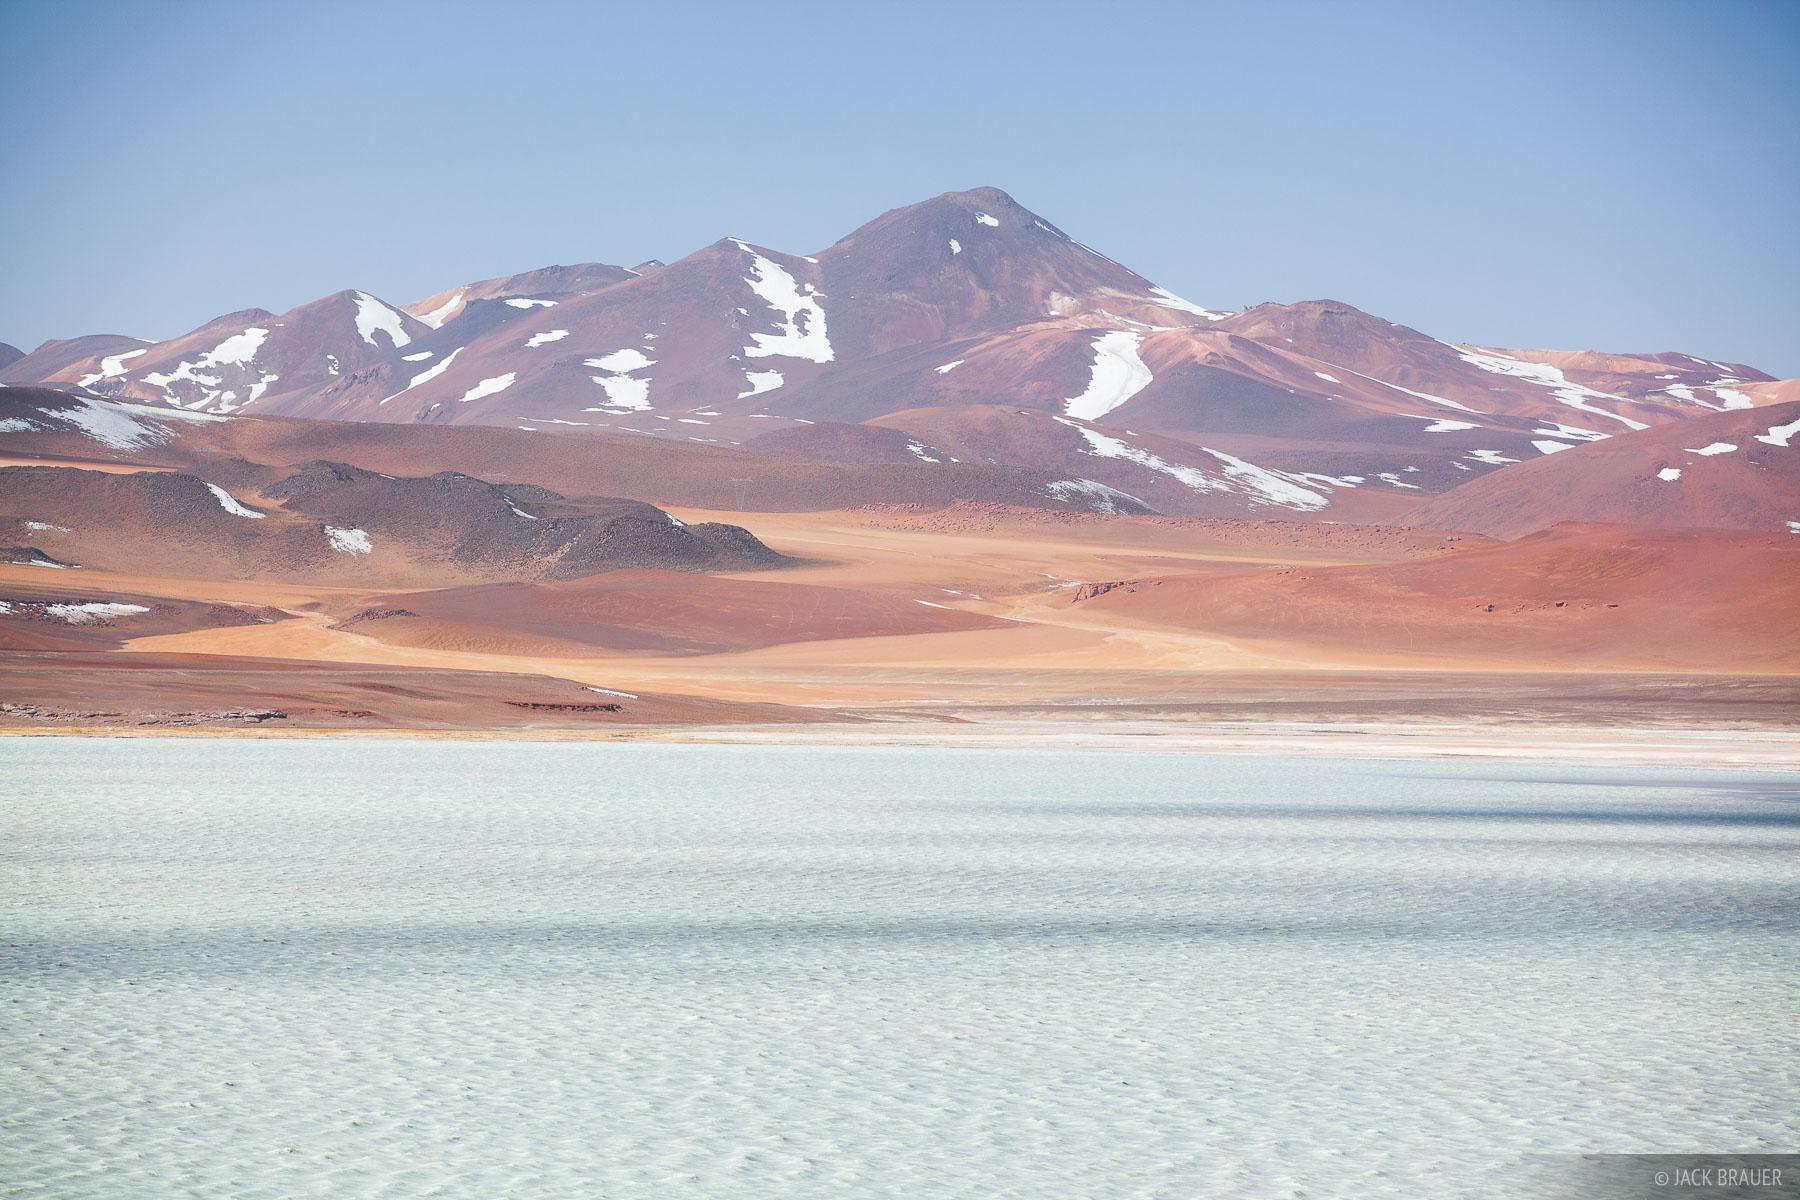 A barren and windy landscape high above the Atacama Desert.